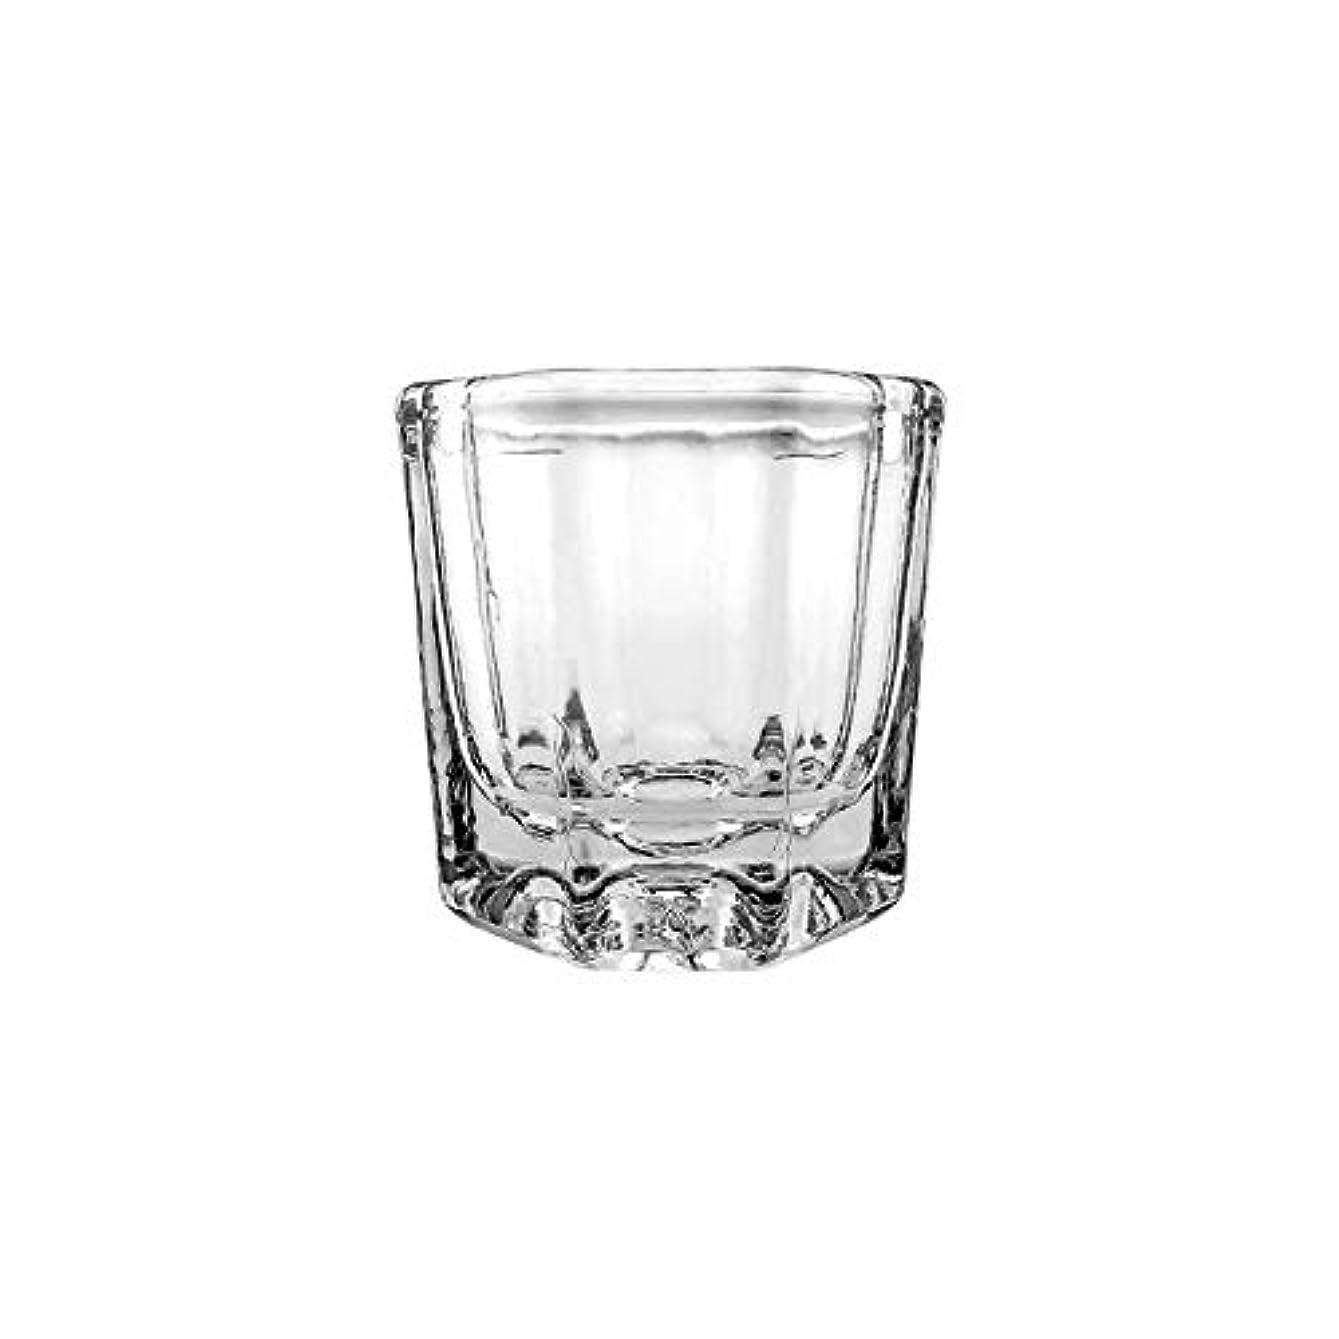 朝ごはんハンサム消費するLALONA ダッペンディッシュ (ガラス製) (耐溶剤) ジェルネイル スカルプチュア ブラシの洗浄に